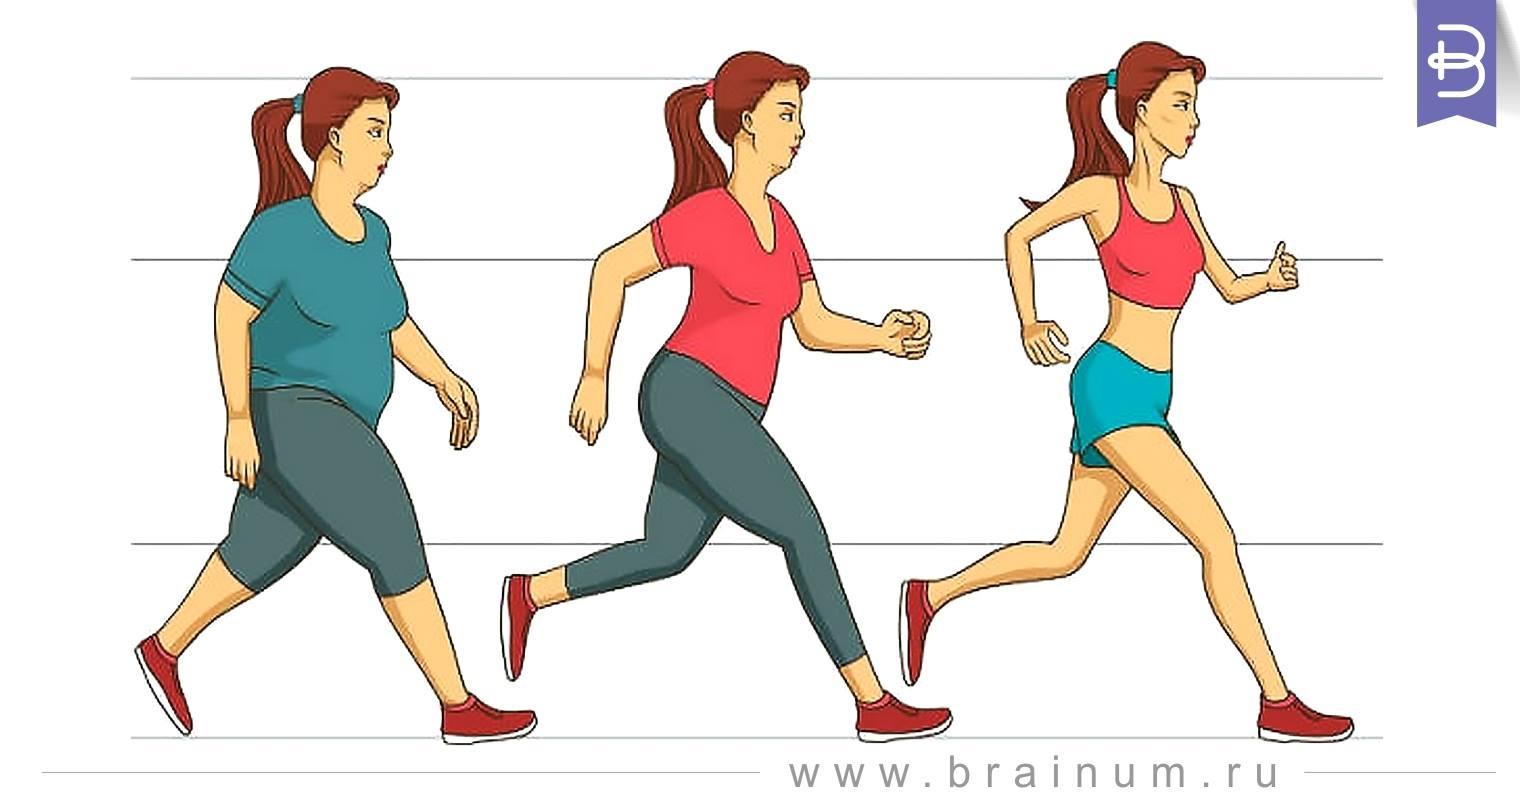 Сколько проходить шагов в день для похудения? Youtube.